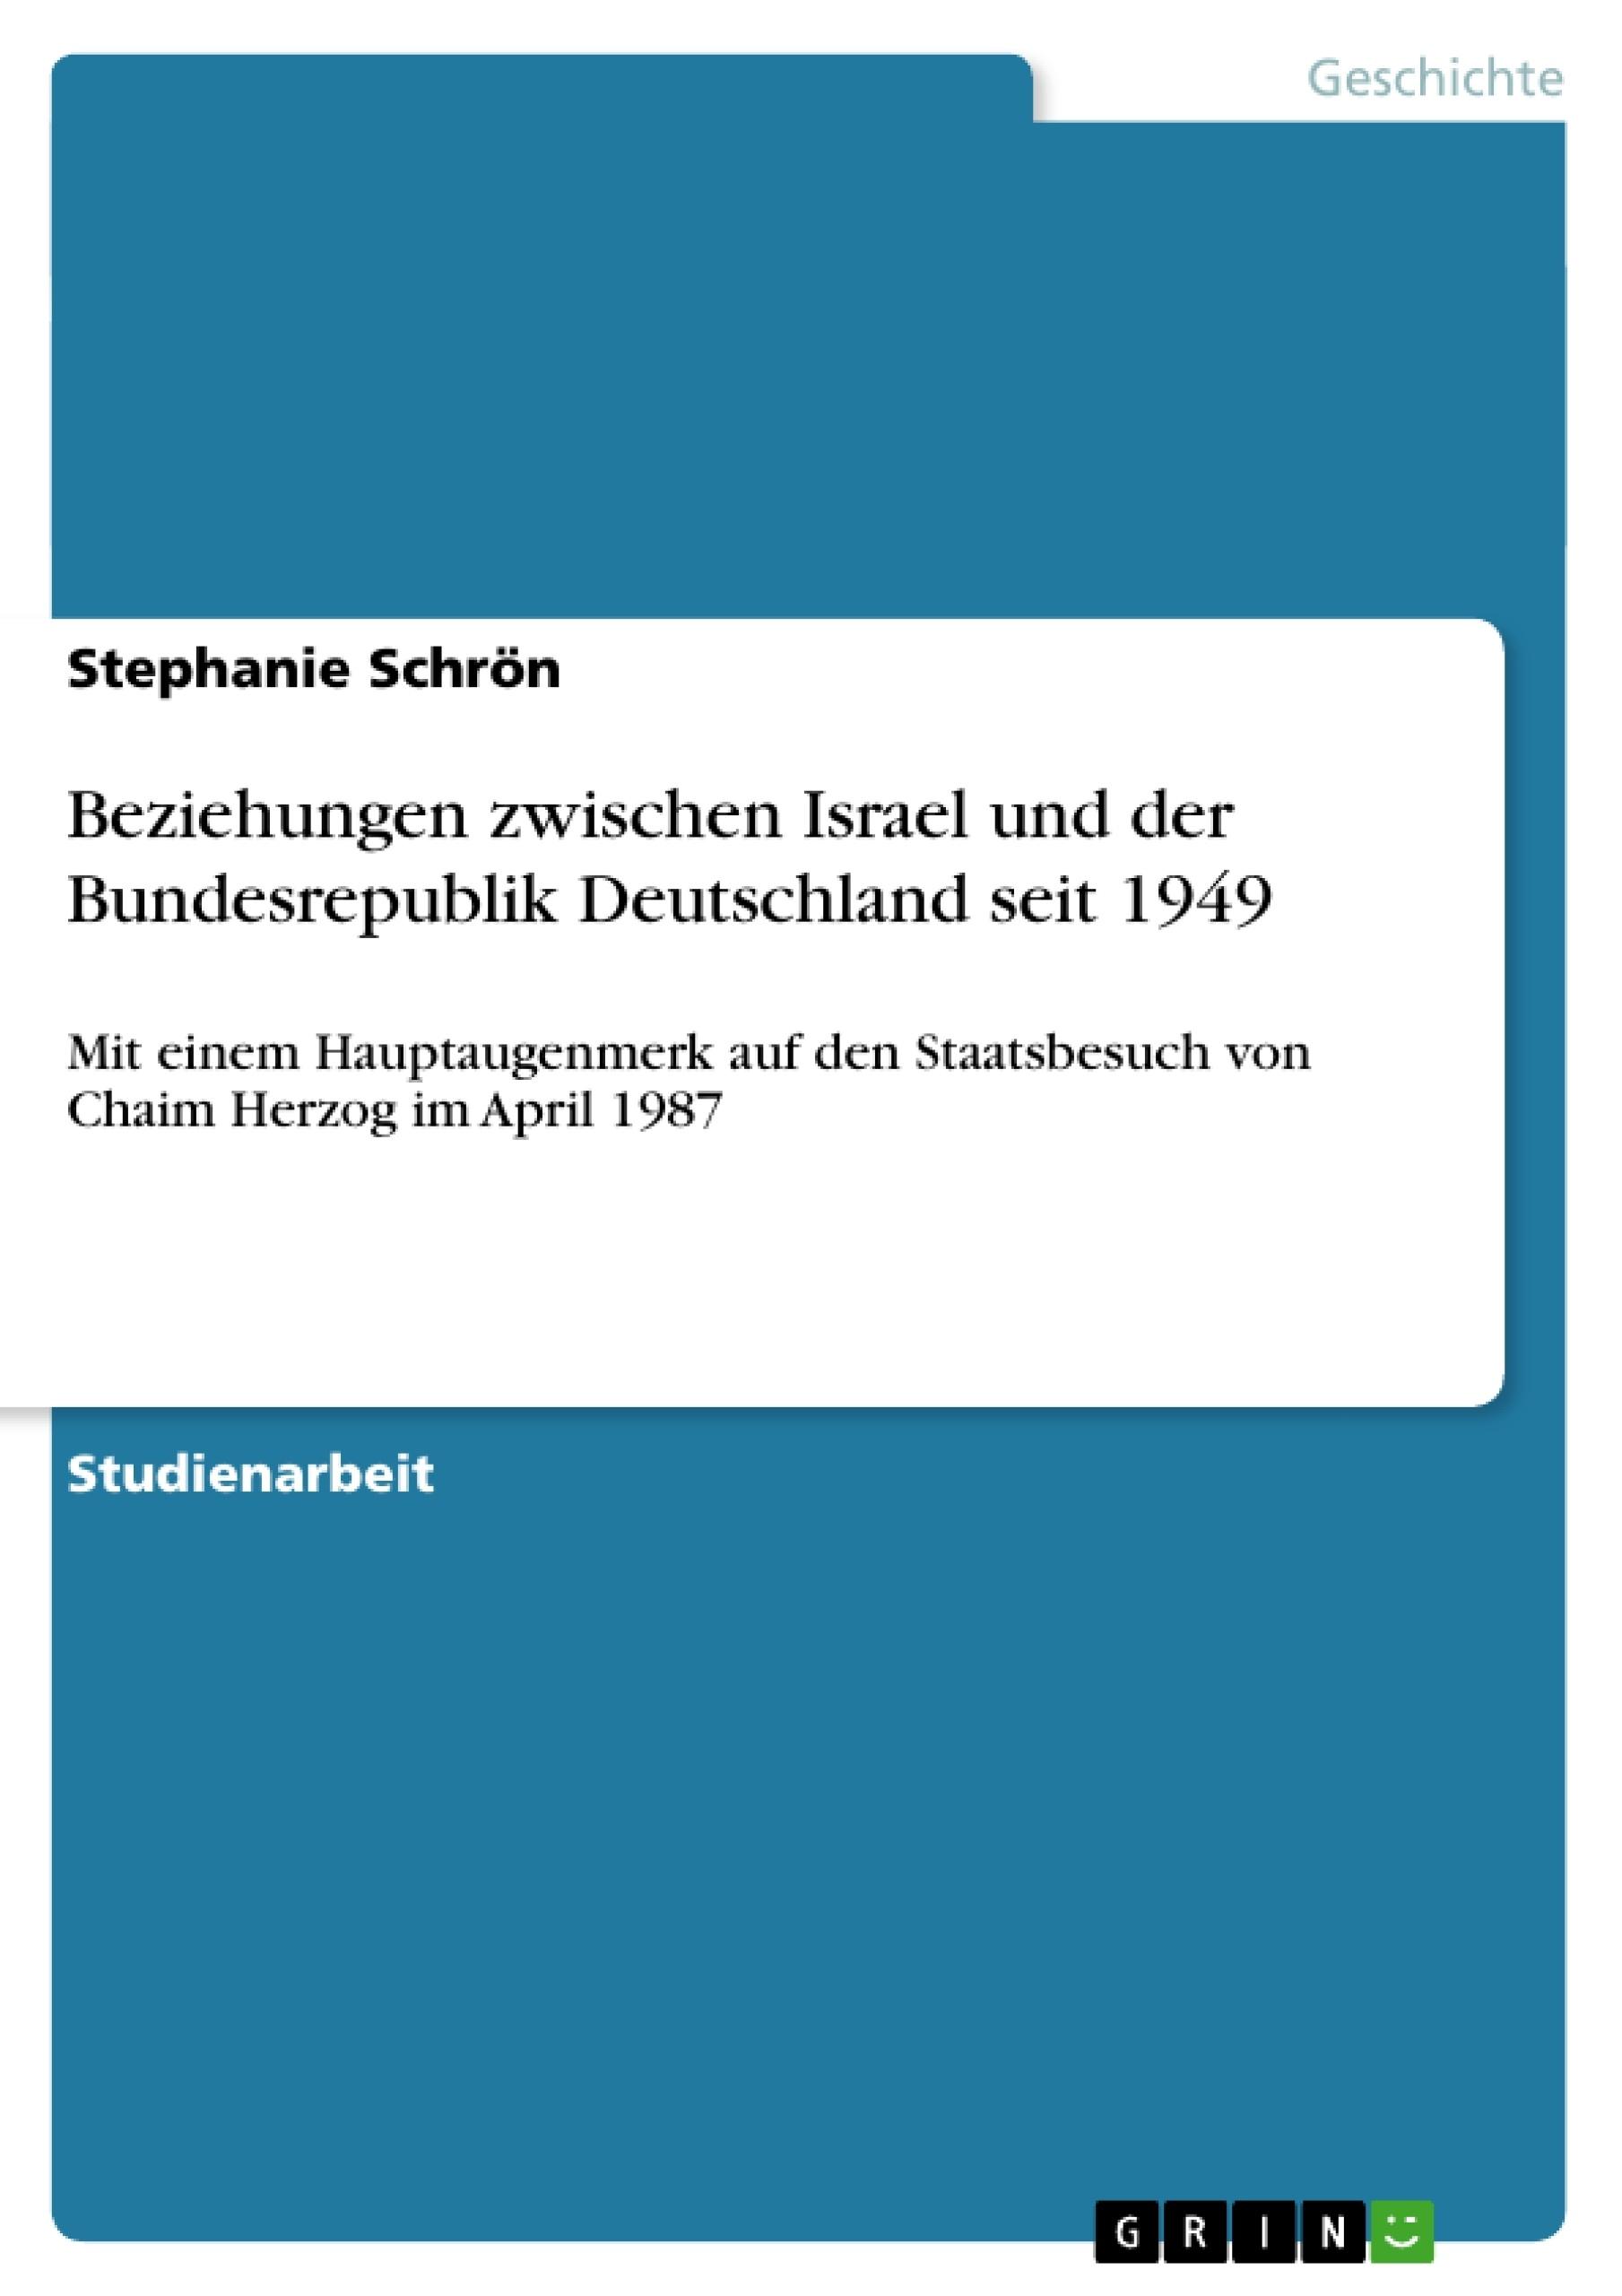 Titel: Beziehungen zwischen Israel und der Bundesrepublik Deutschland seit 1949